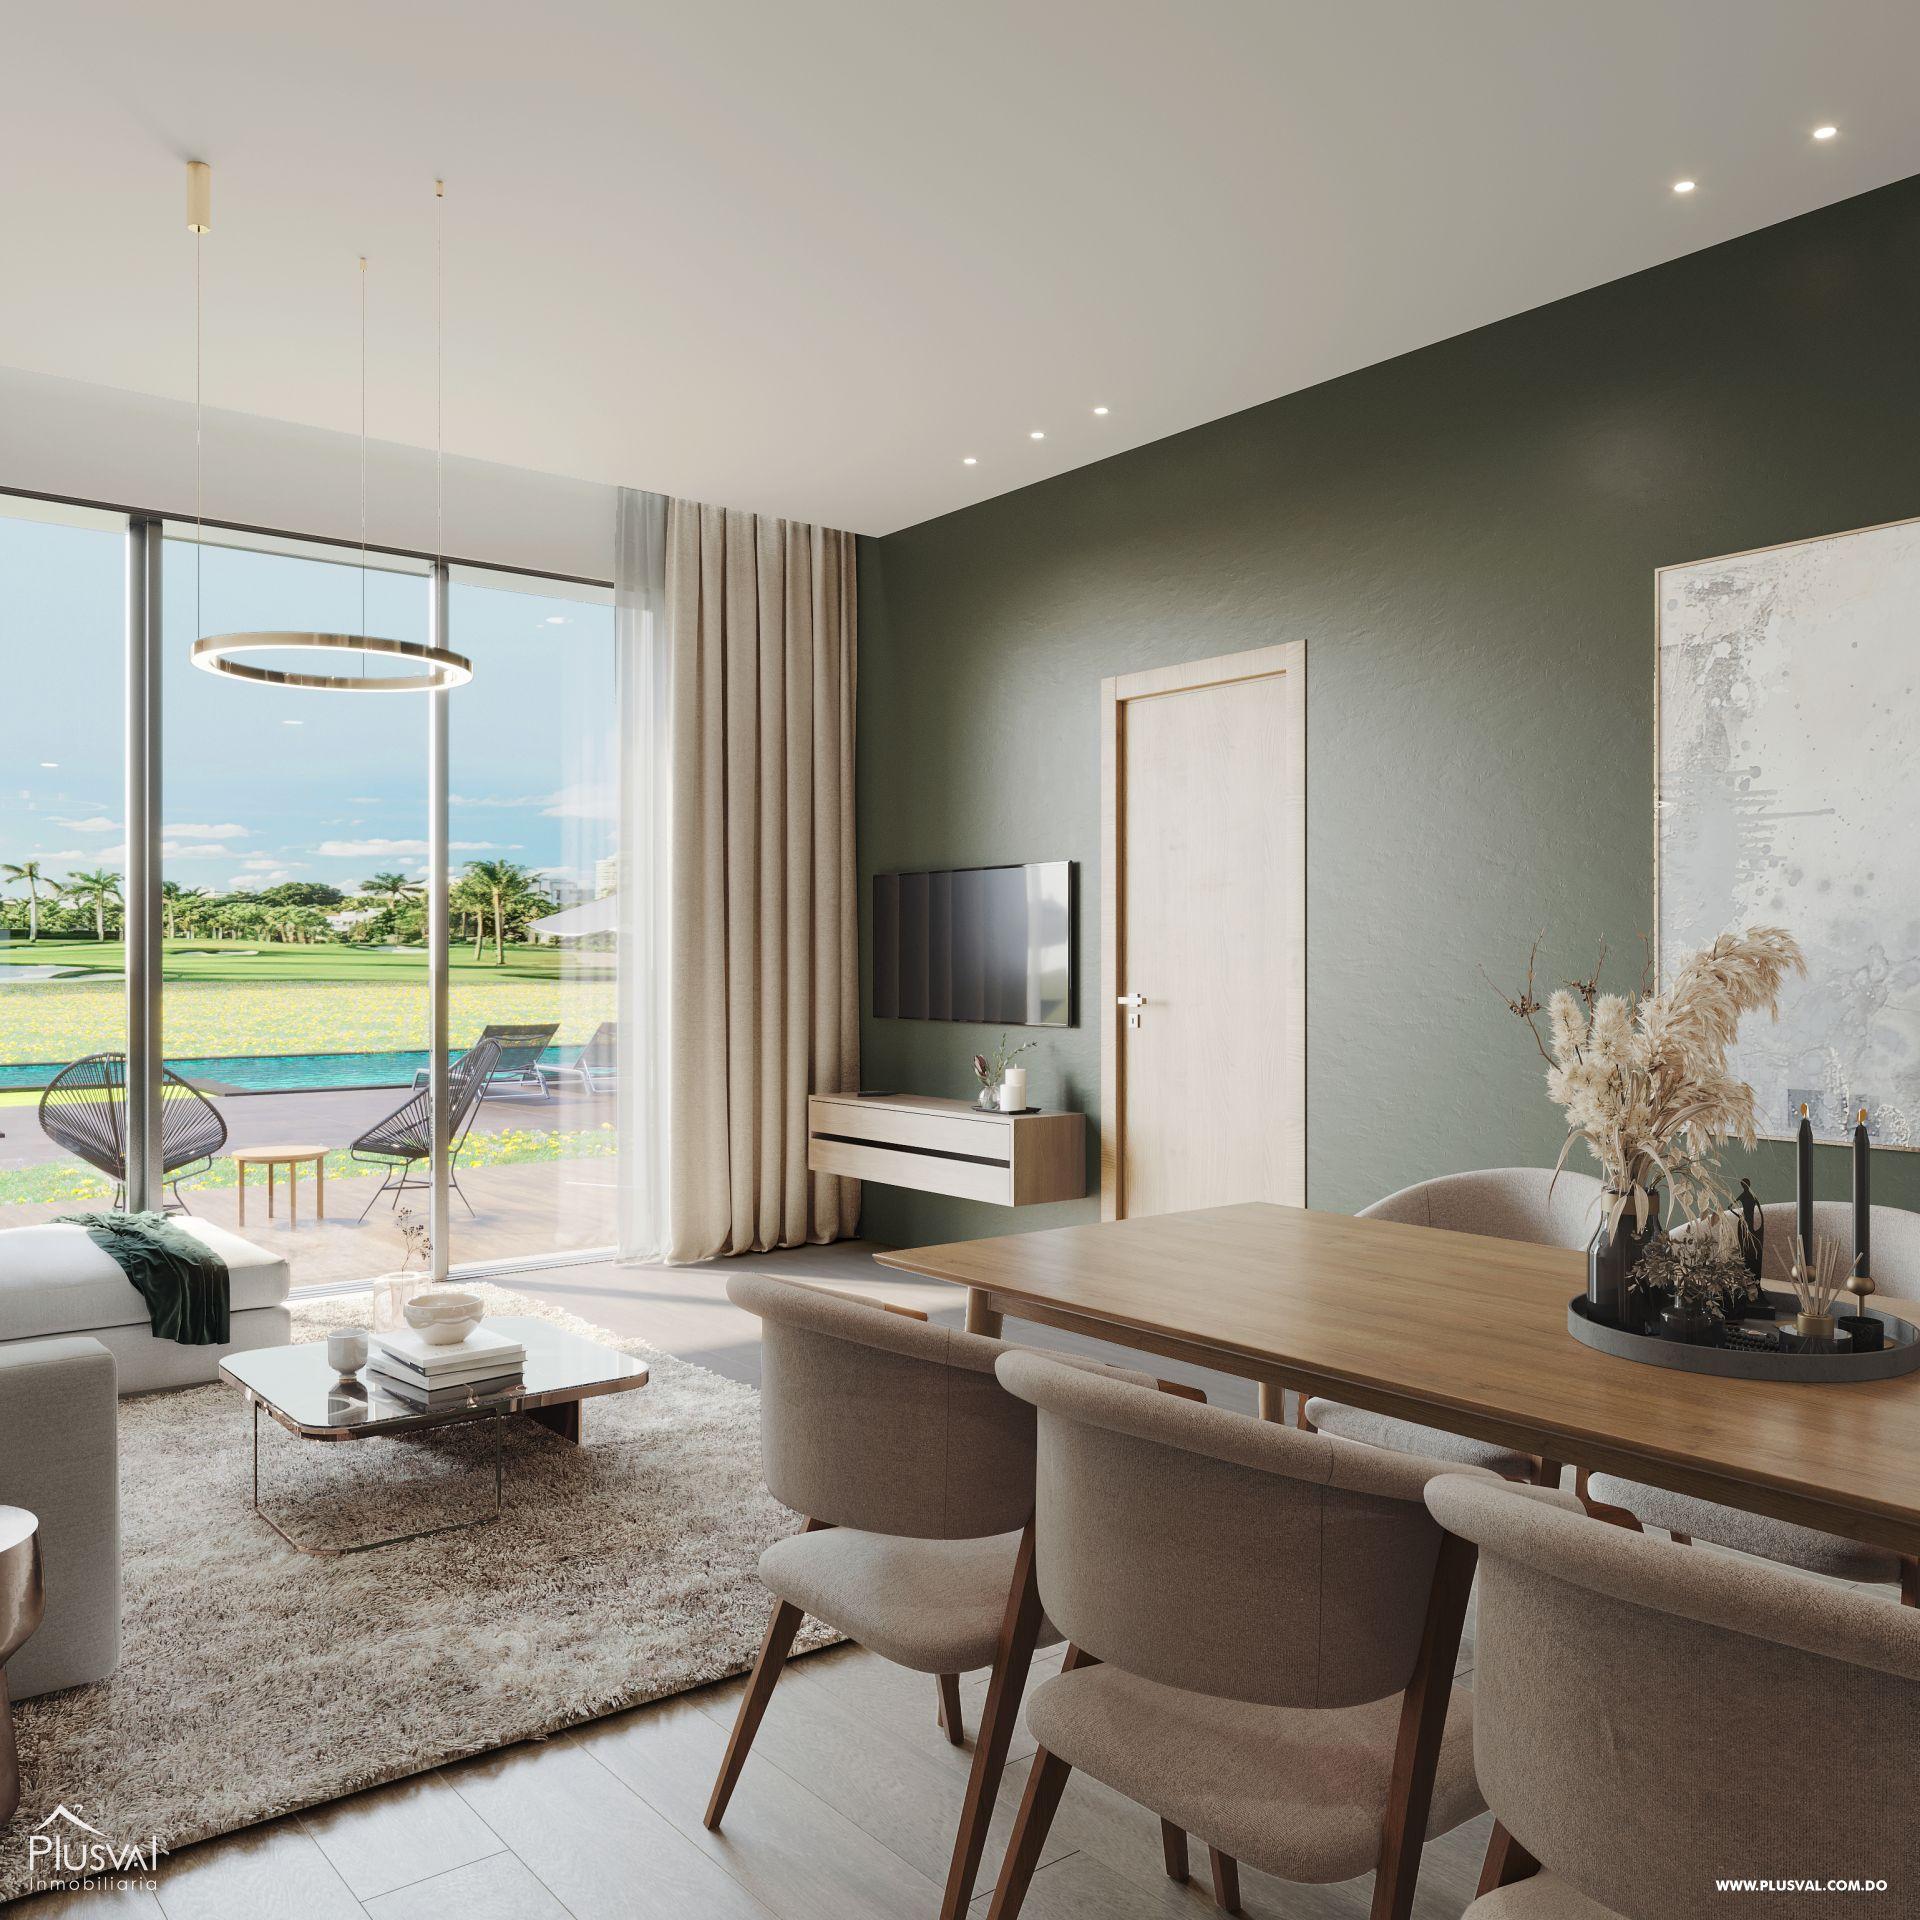 Apartamentos en Venta, en exclusiva comunidad en Cana Bay 190038